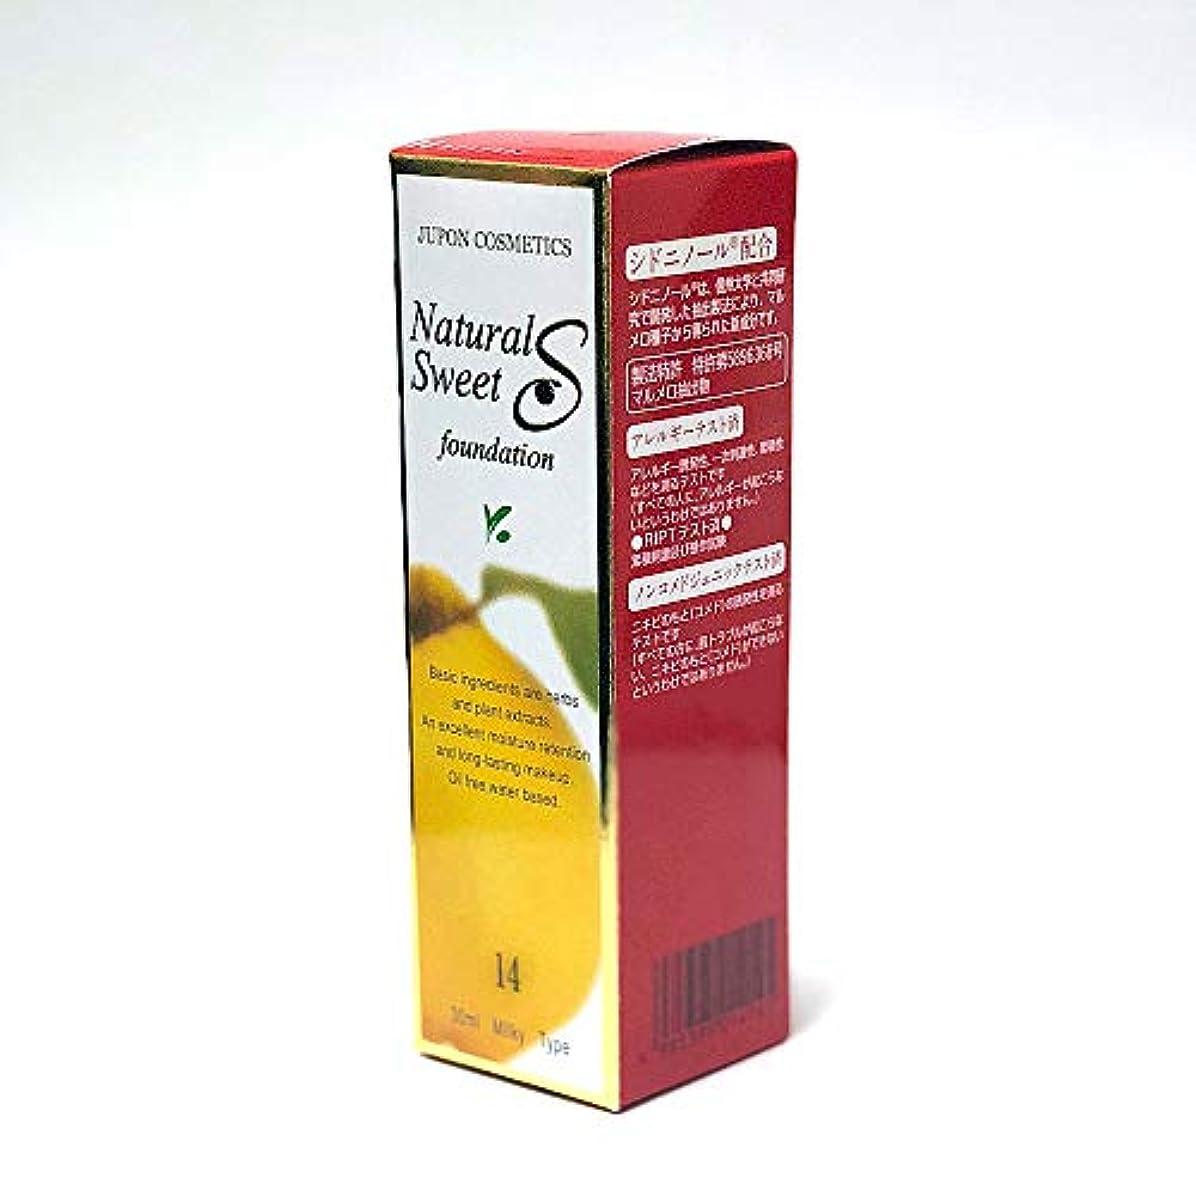 チップありふれた前部皮膚が呼吸する 美容液ベースの水溶性ファンデ?ナチュラルスィート ファンデーションS 14(ライトブラウン)